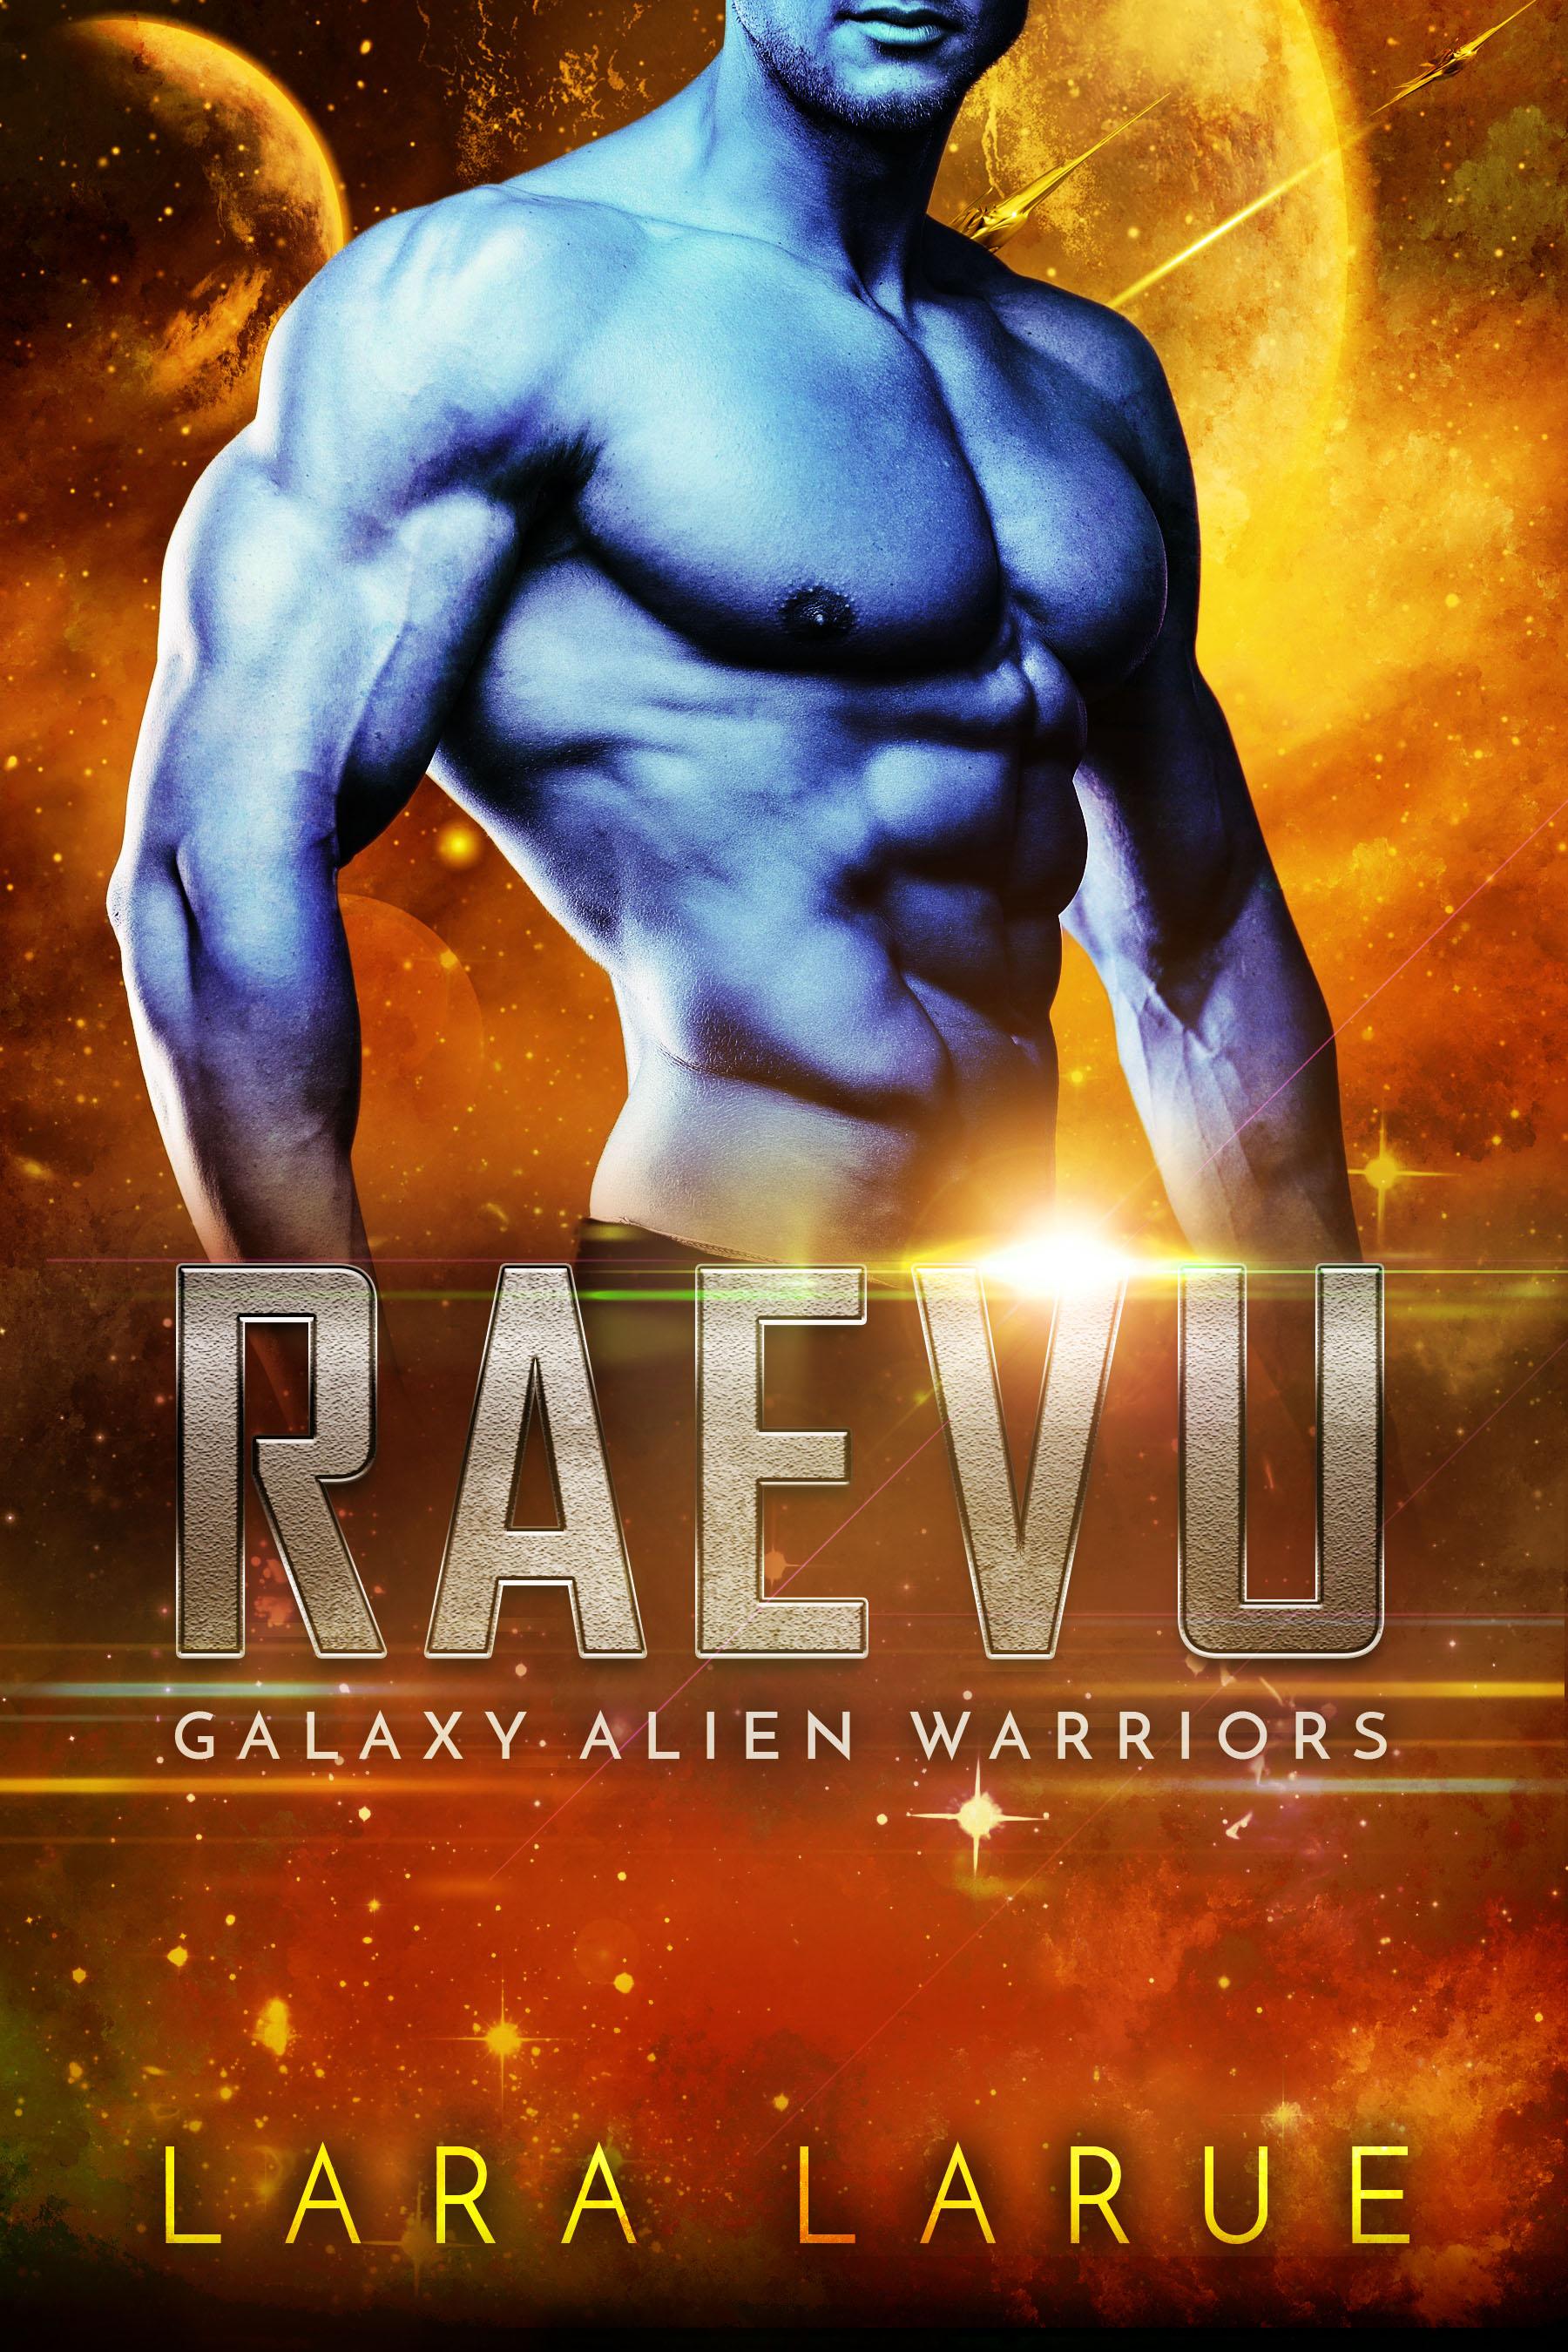 Raevu